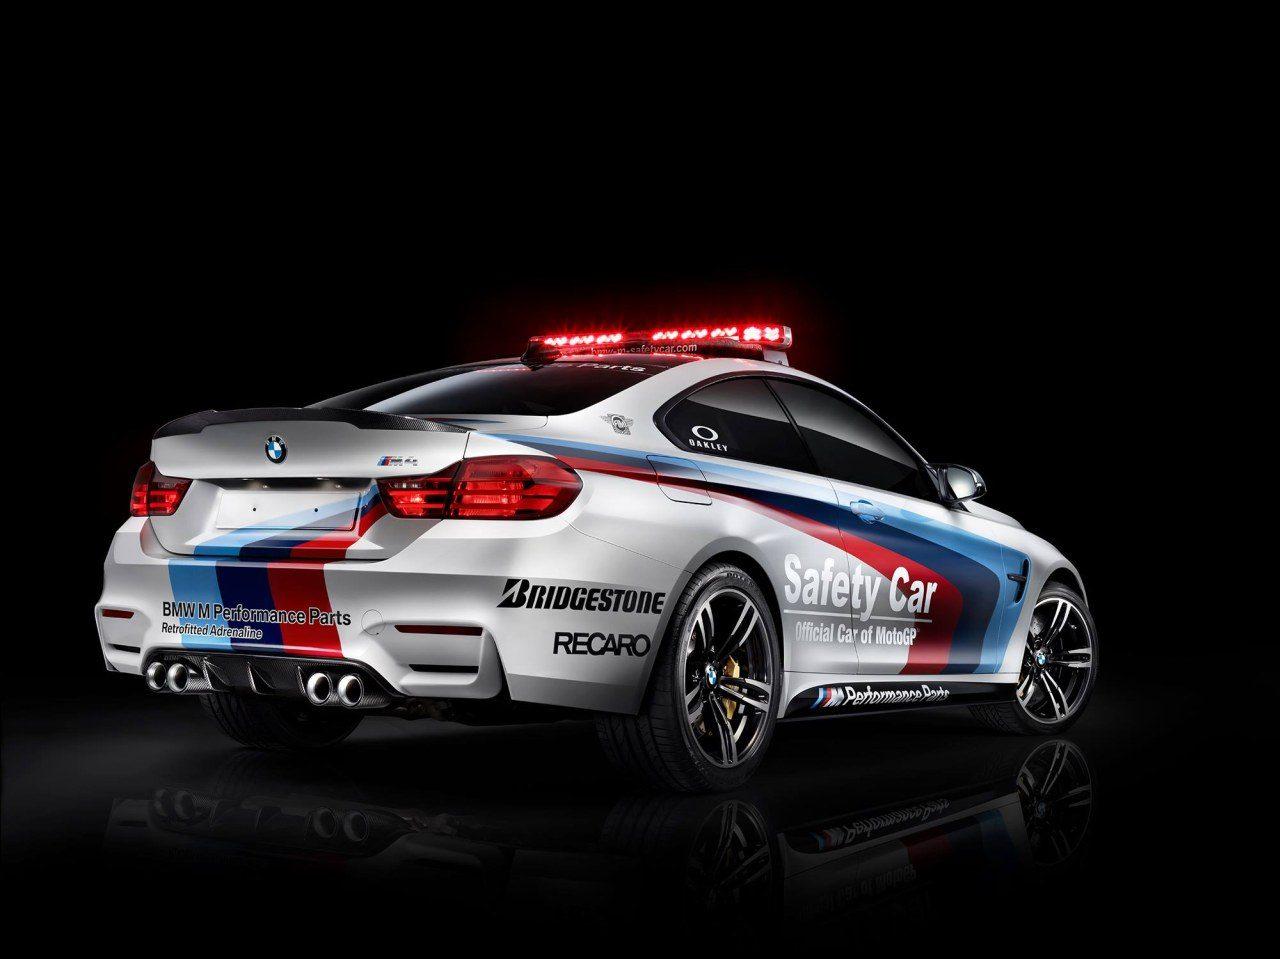 BMW-M4-Safety-Car-2014-01.jpg